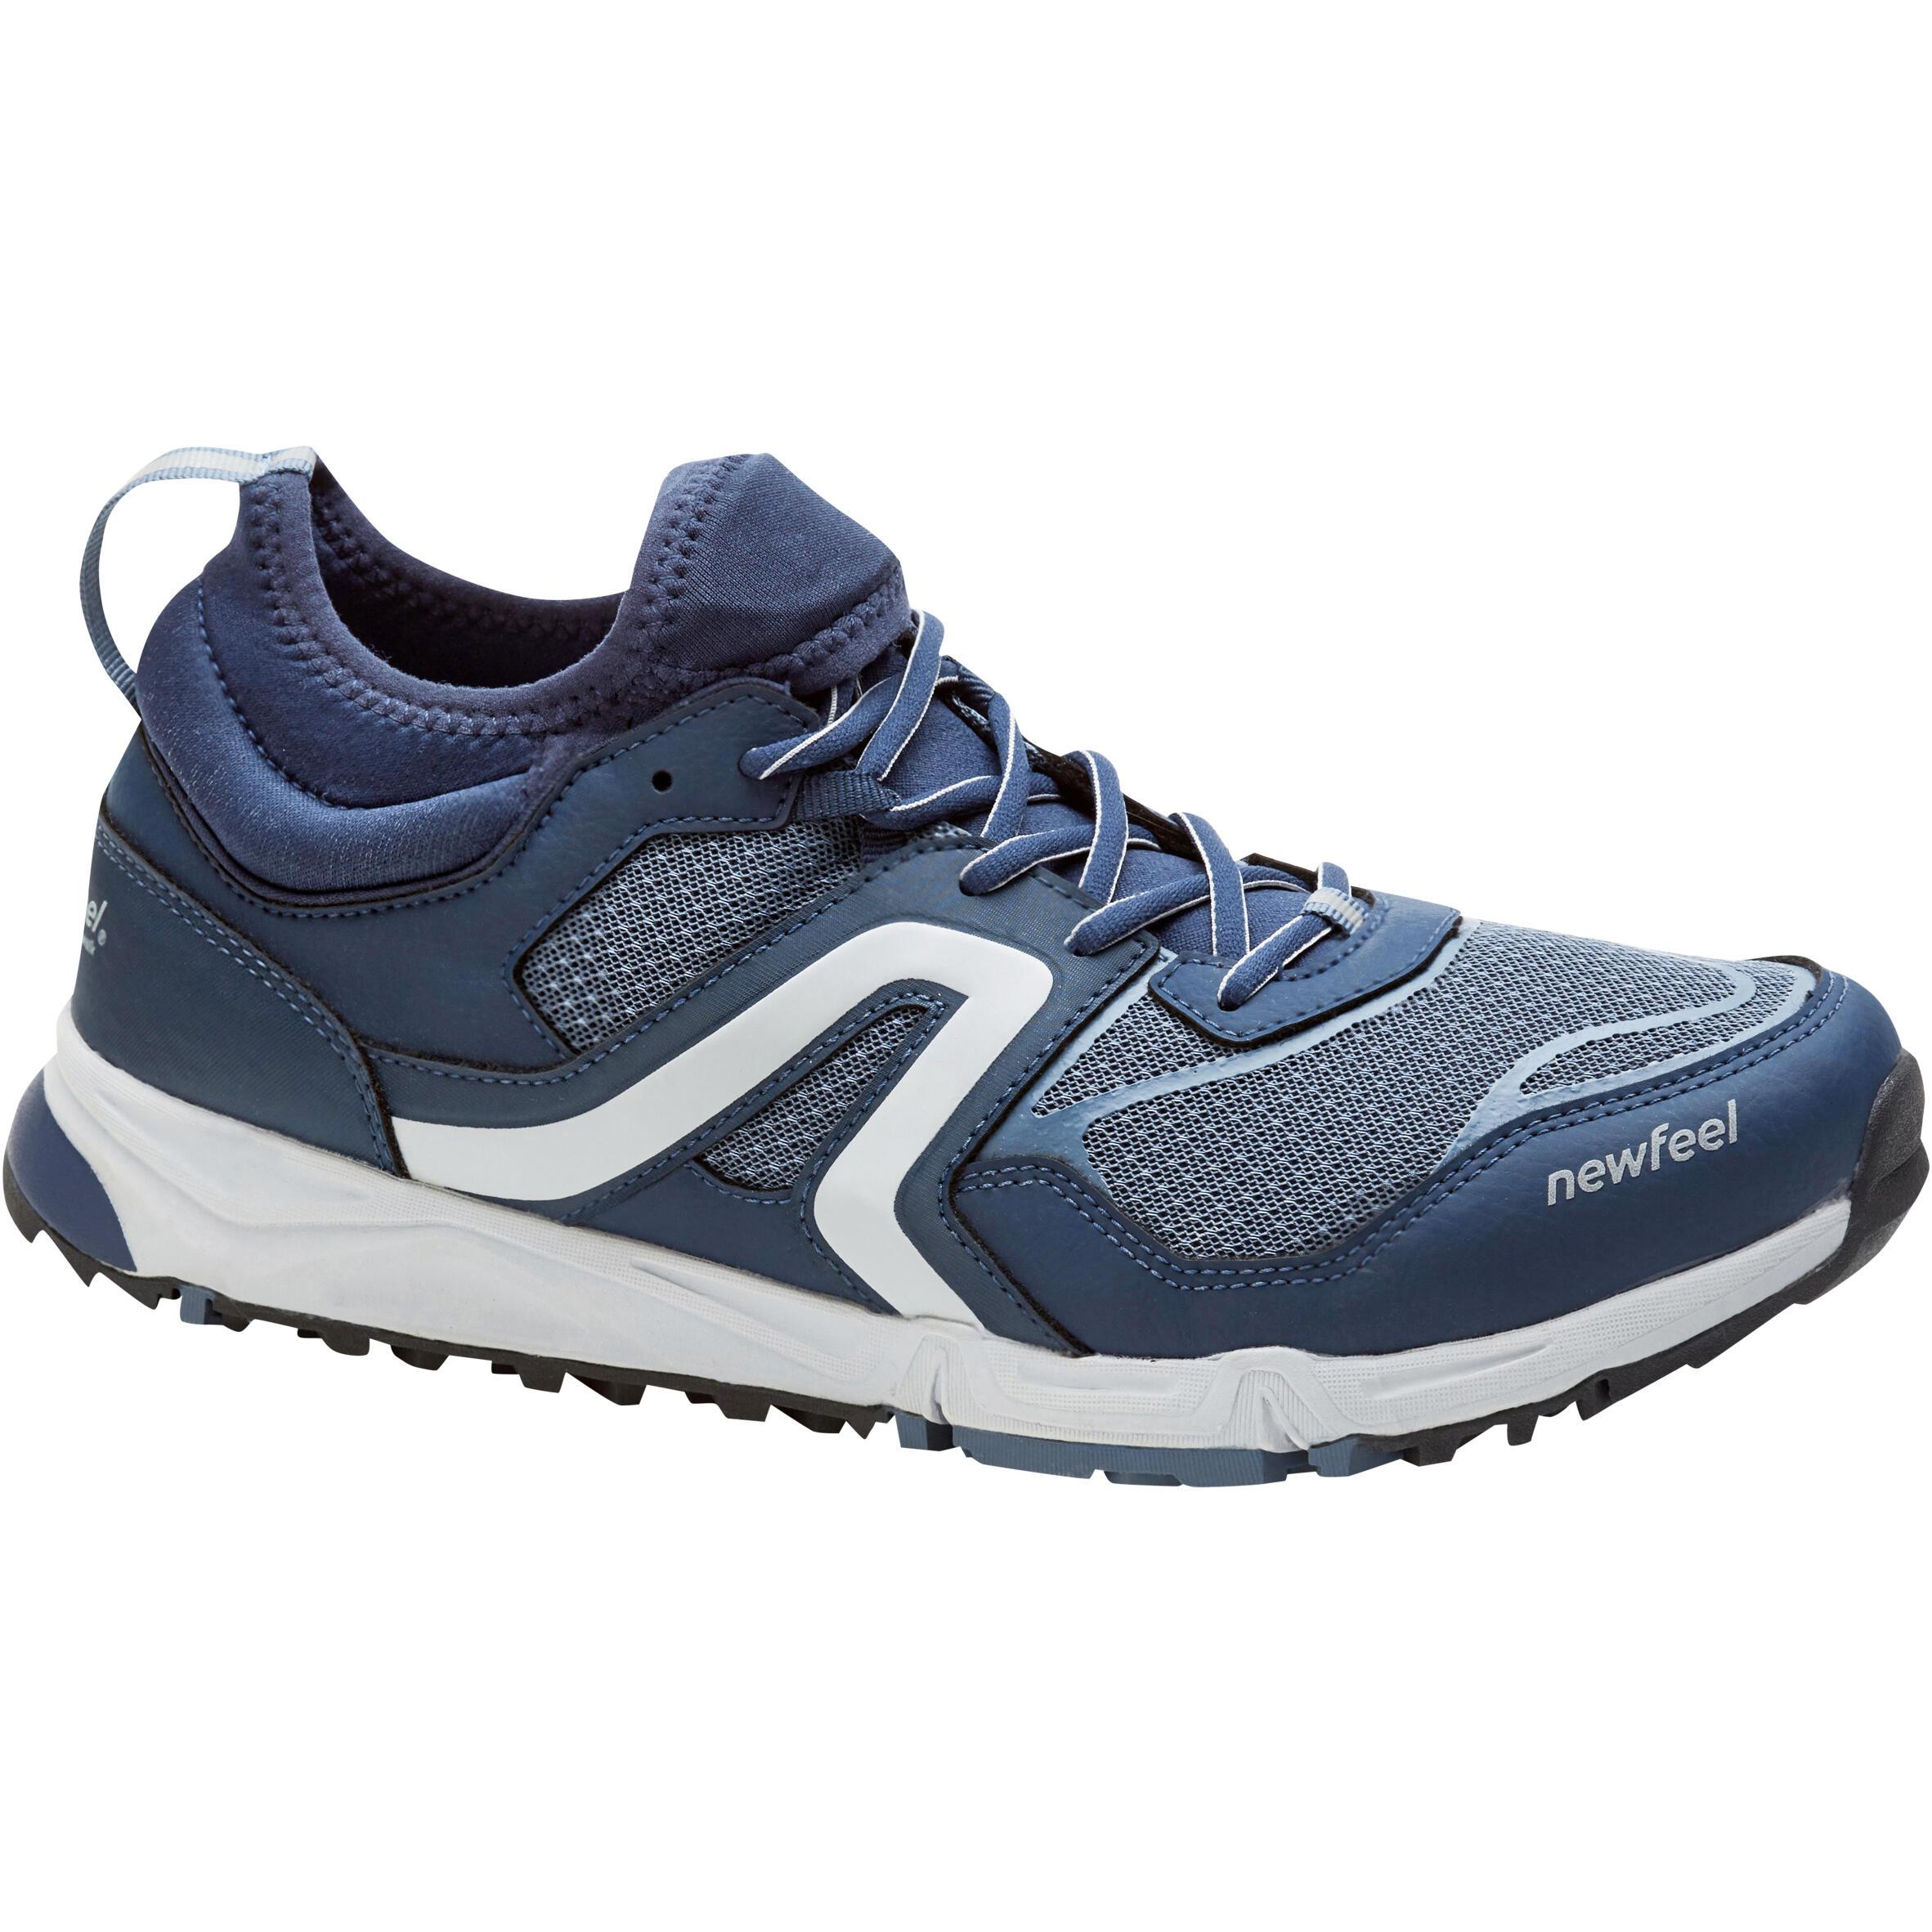 Chaussures de marche nordique homme NW 500 Flex-H bleu marine / gris - Newfeel